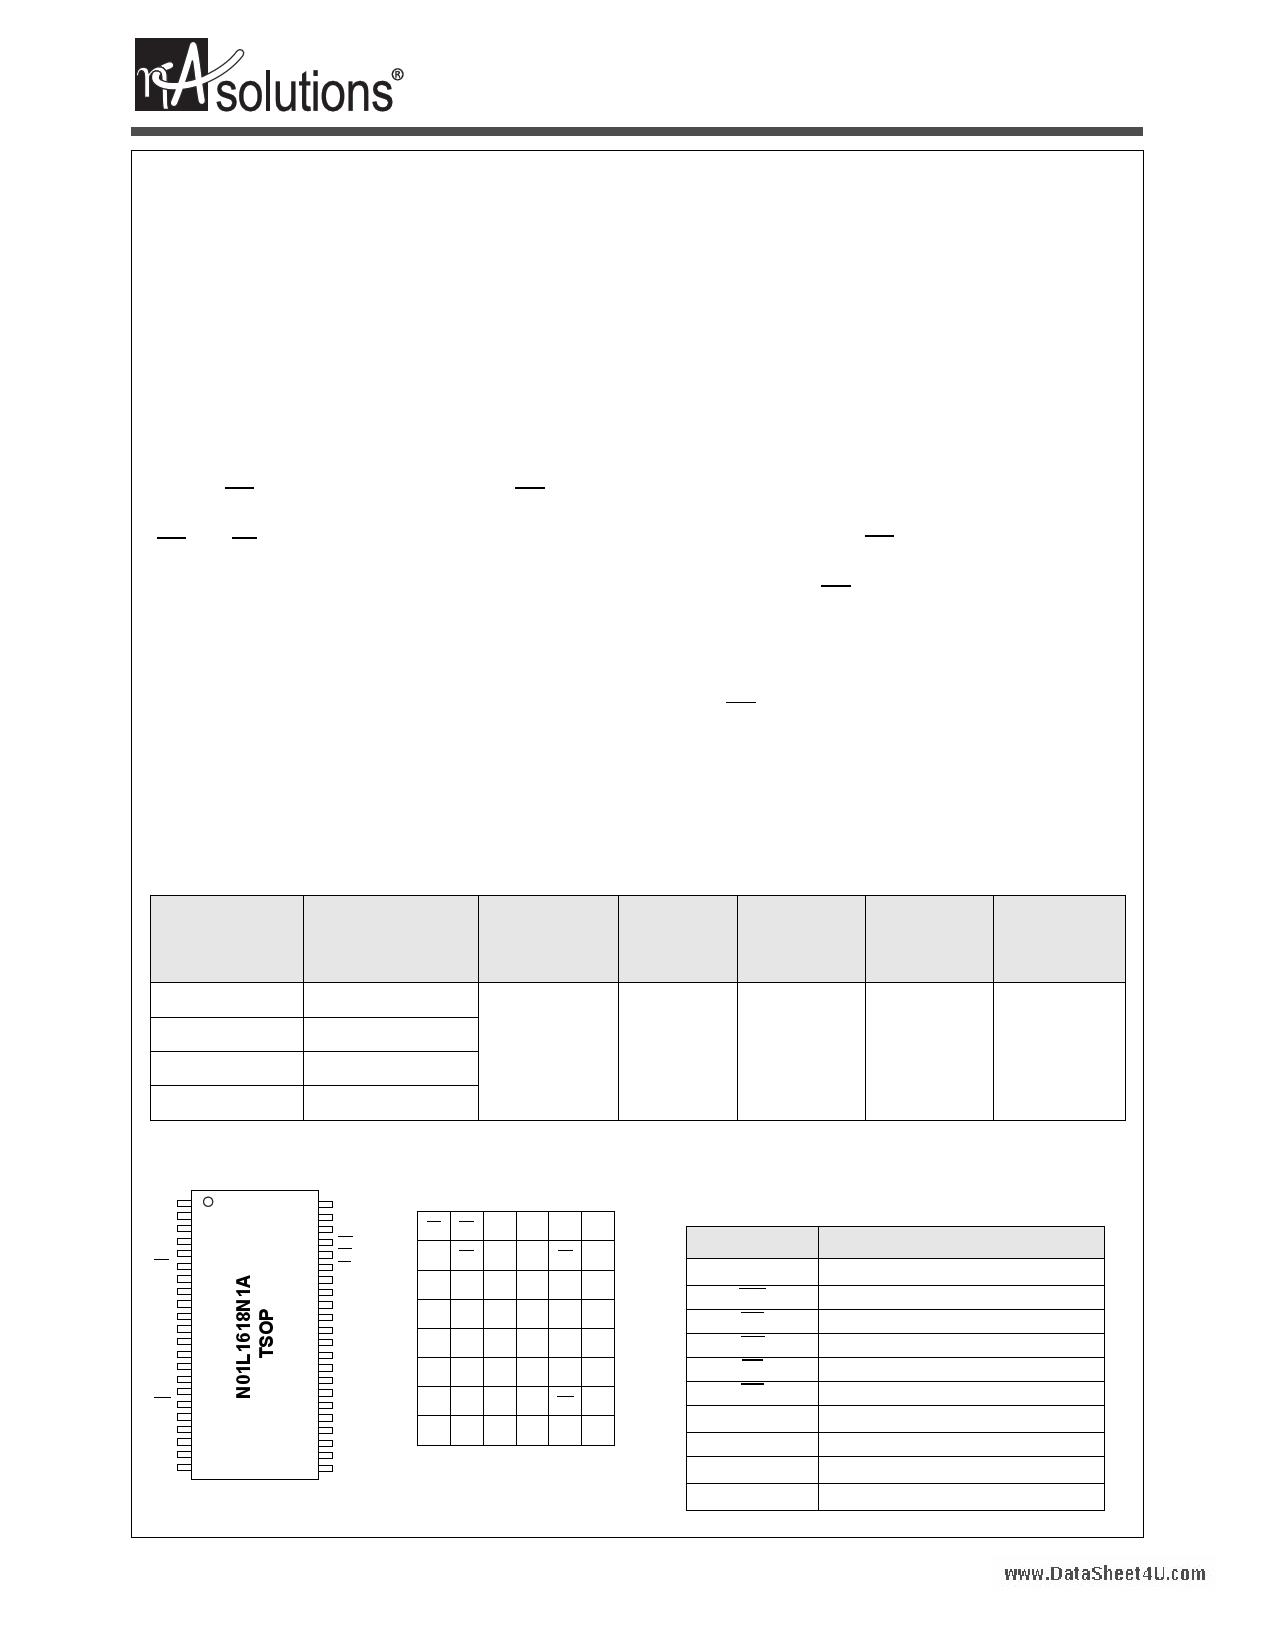 N01L1618N1A Hoja de datos, Descripción, Manual